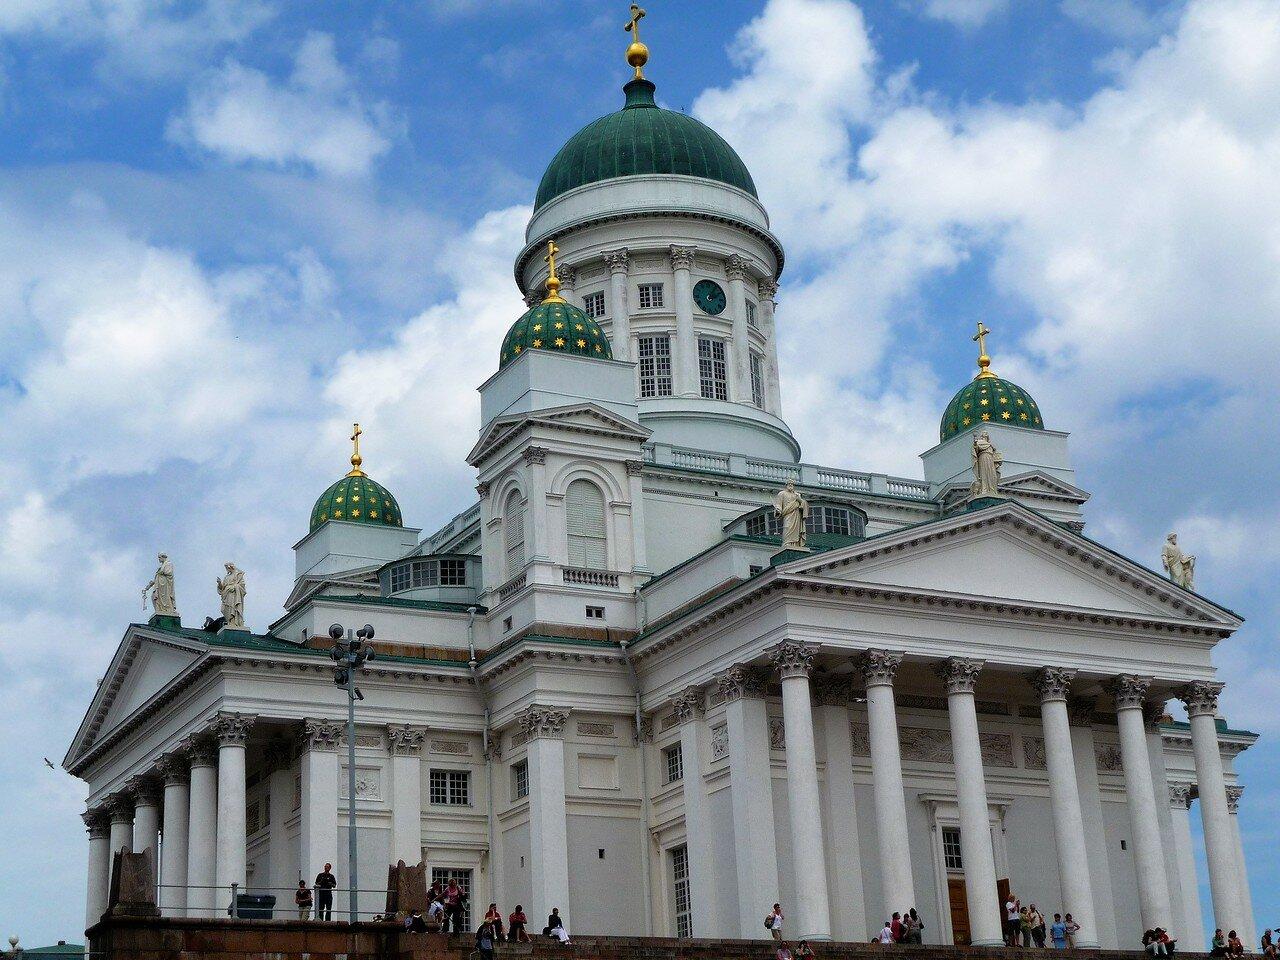 Helsinki-Tuomiokirkko-15.7.09. 045 (23).jpg